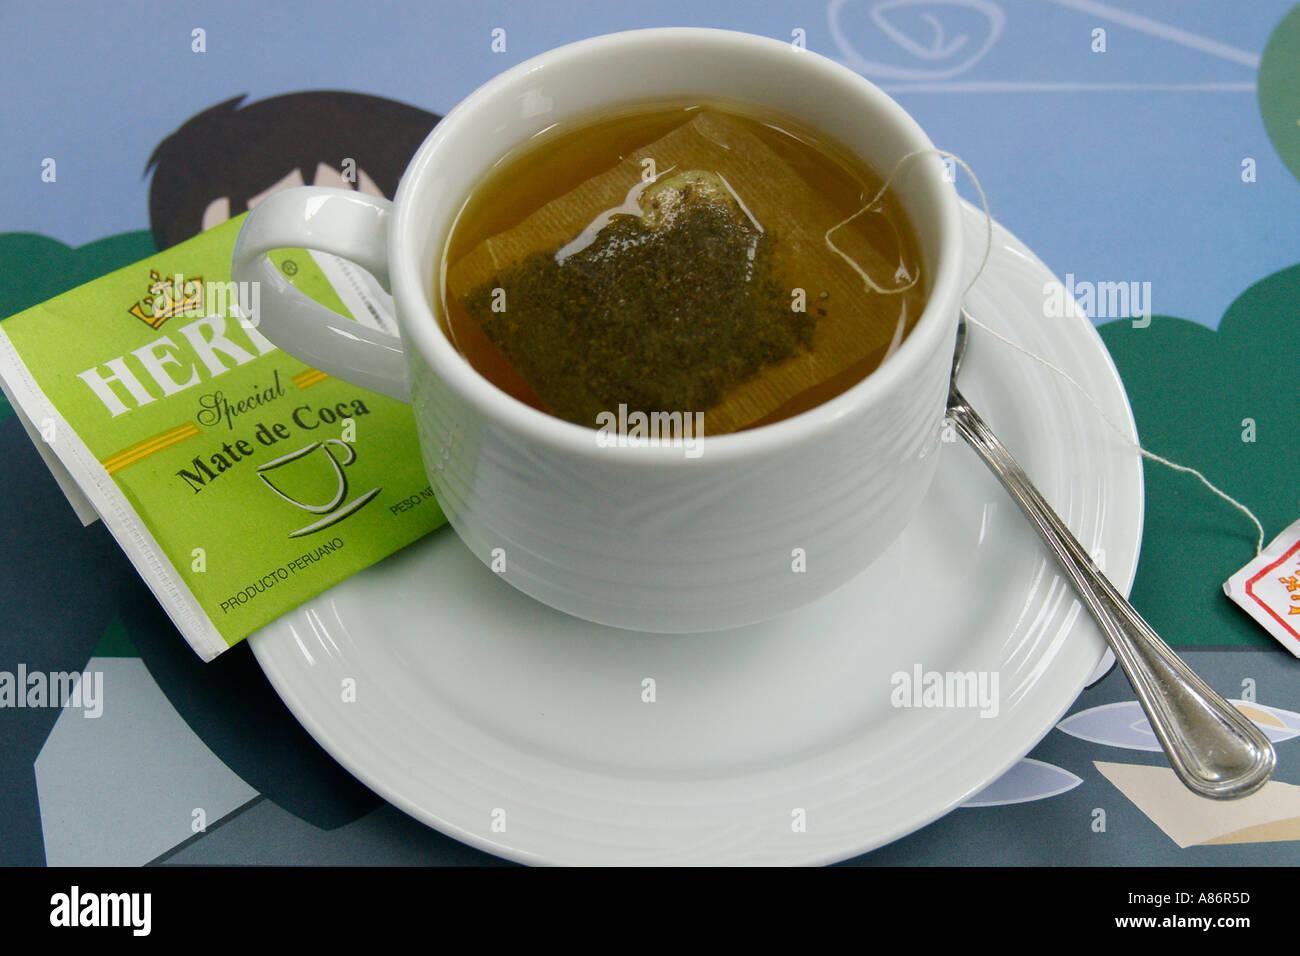 Coca tea Stock Photo: 3919708 - Alamy